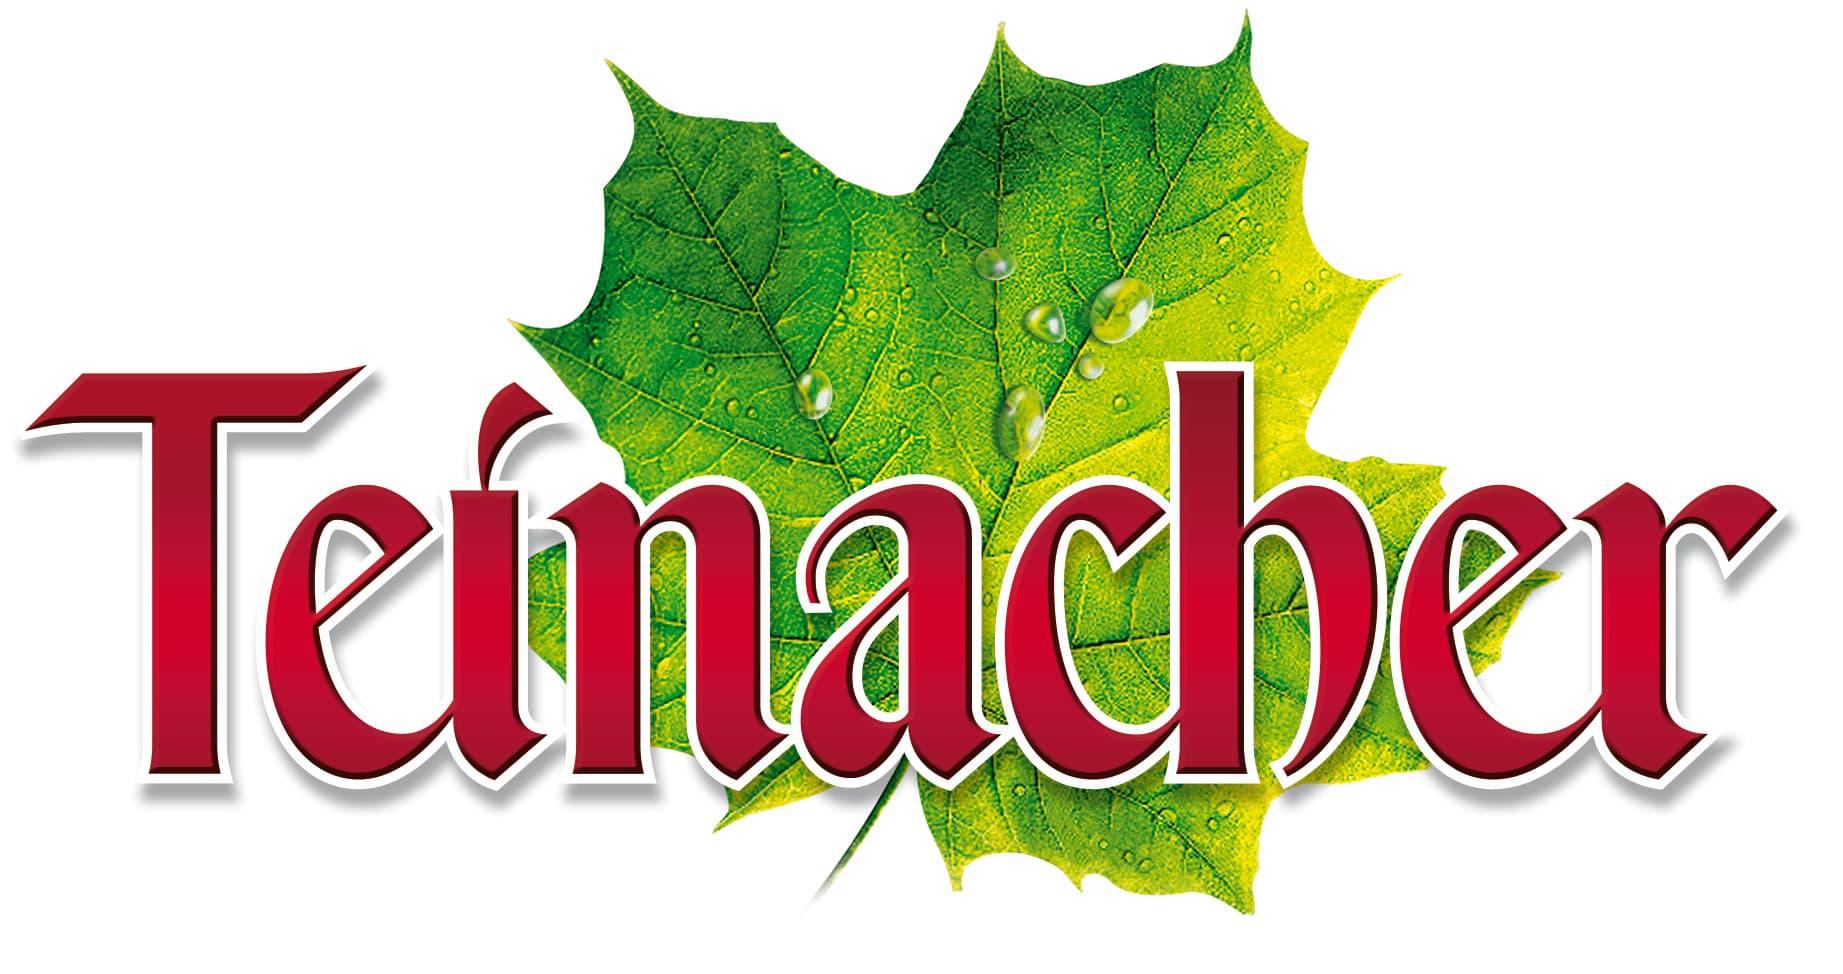 Das Logo des Herz-der-Pfalz-Partners Teinacher